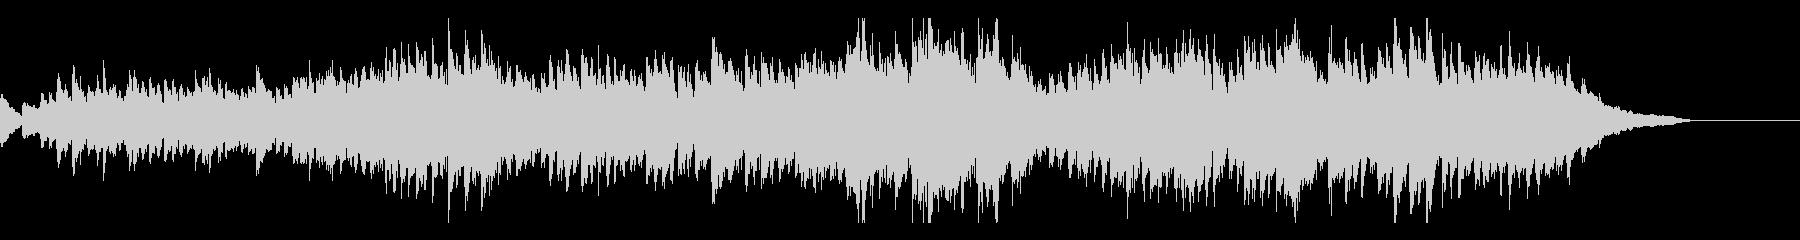 シューマン ピアノ曲 十分に幸せ・高音質の未再生の波形